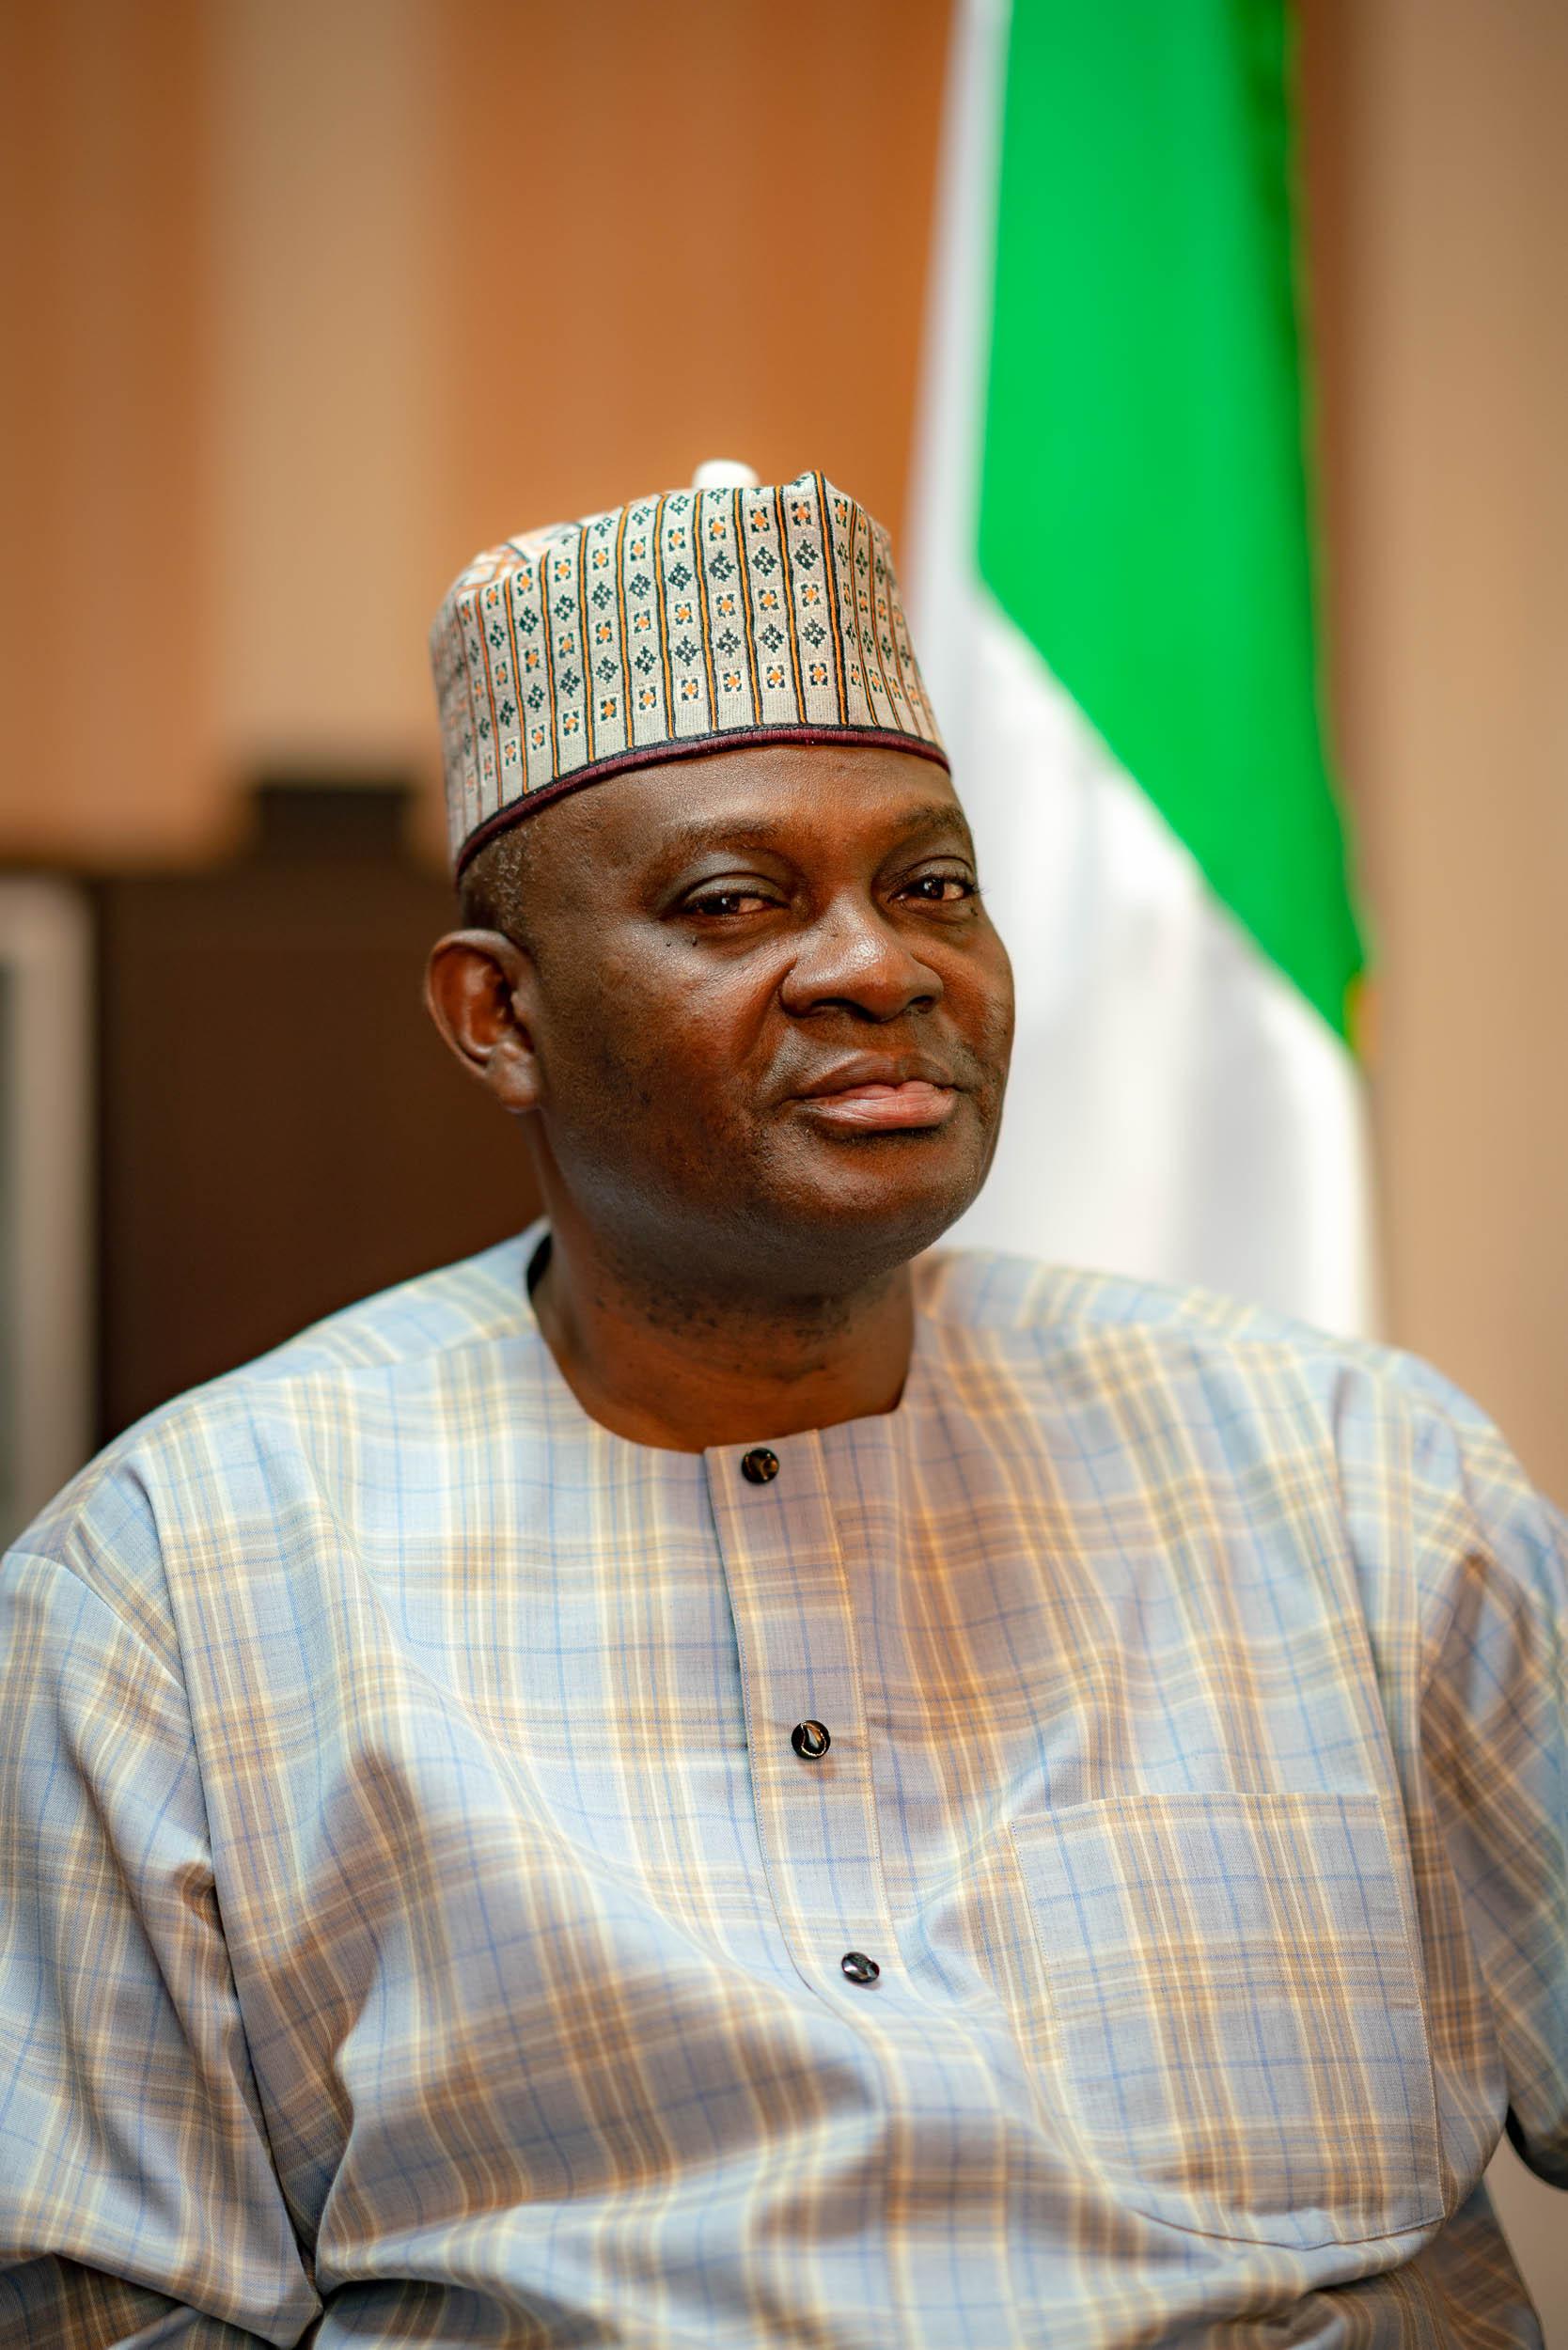 Ambassadeur du nigeria pris par un photographe en entreprise